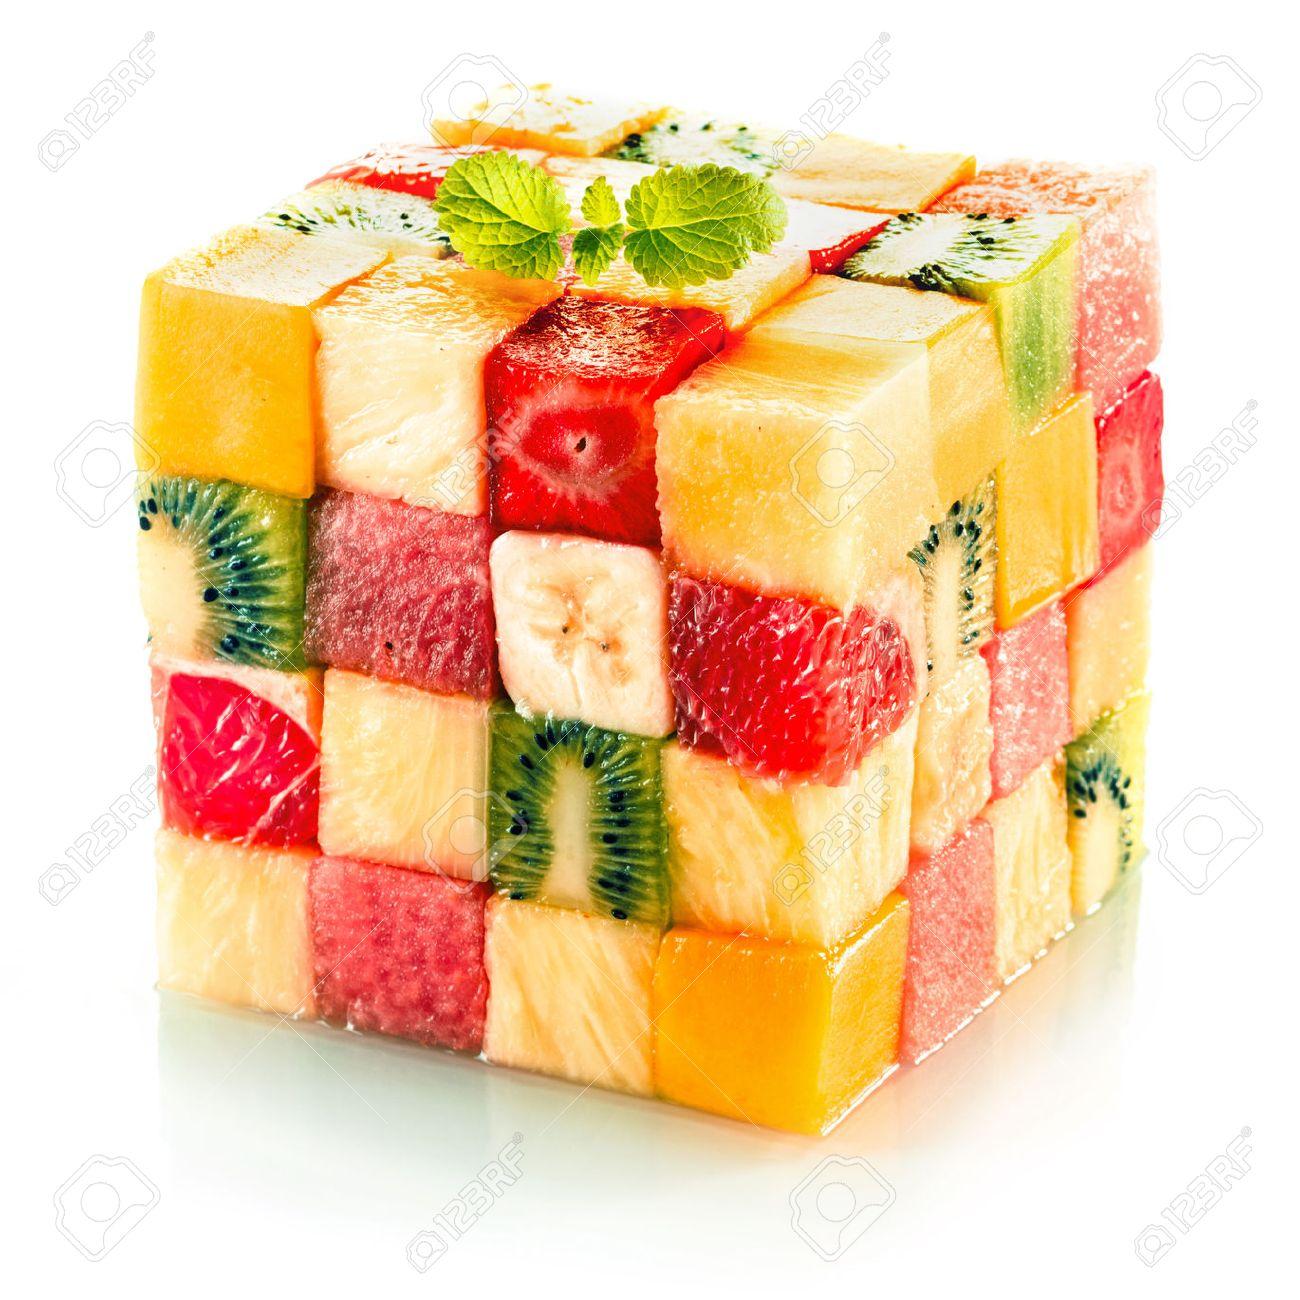 27054516-cube-de-fruits-form%C3%A9-de-petits-carr%C3%A9s-de-fruits-tropicaux-assortis-dans-un-arrangement-color%C3%A9-y-compris-le.jpg